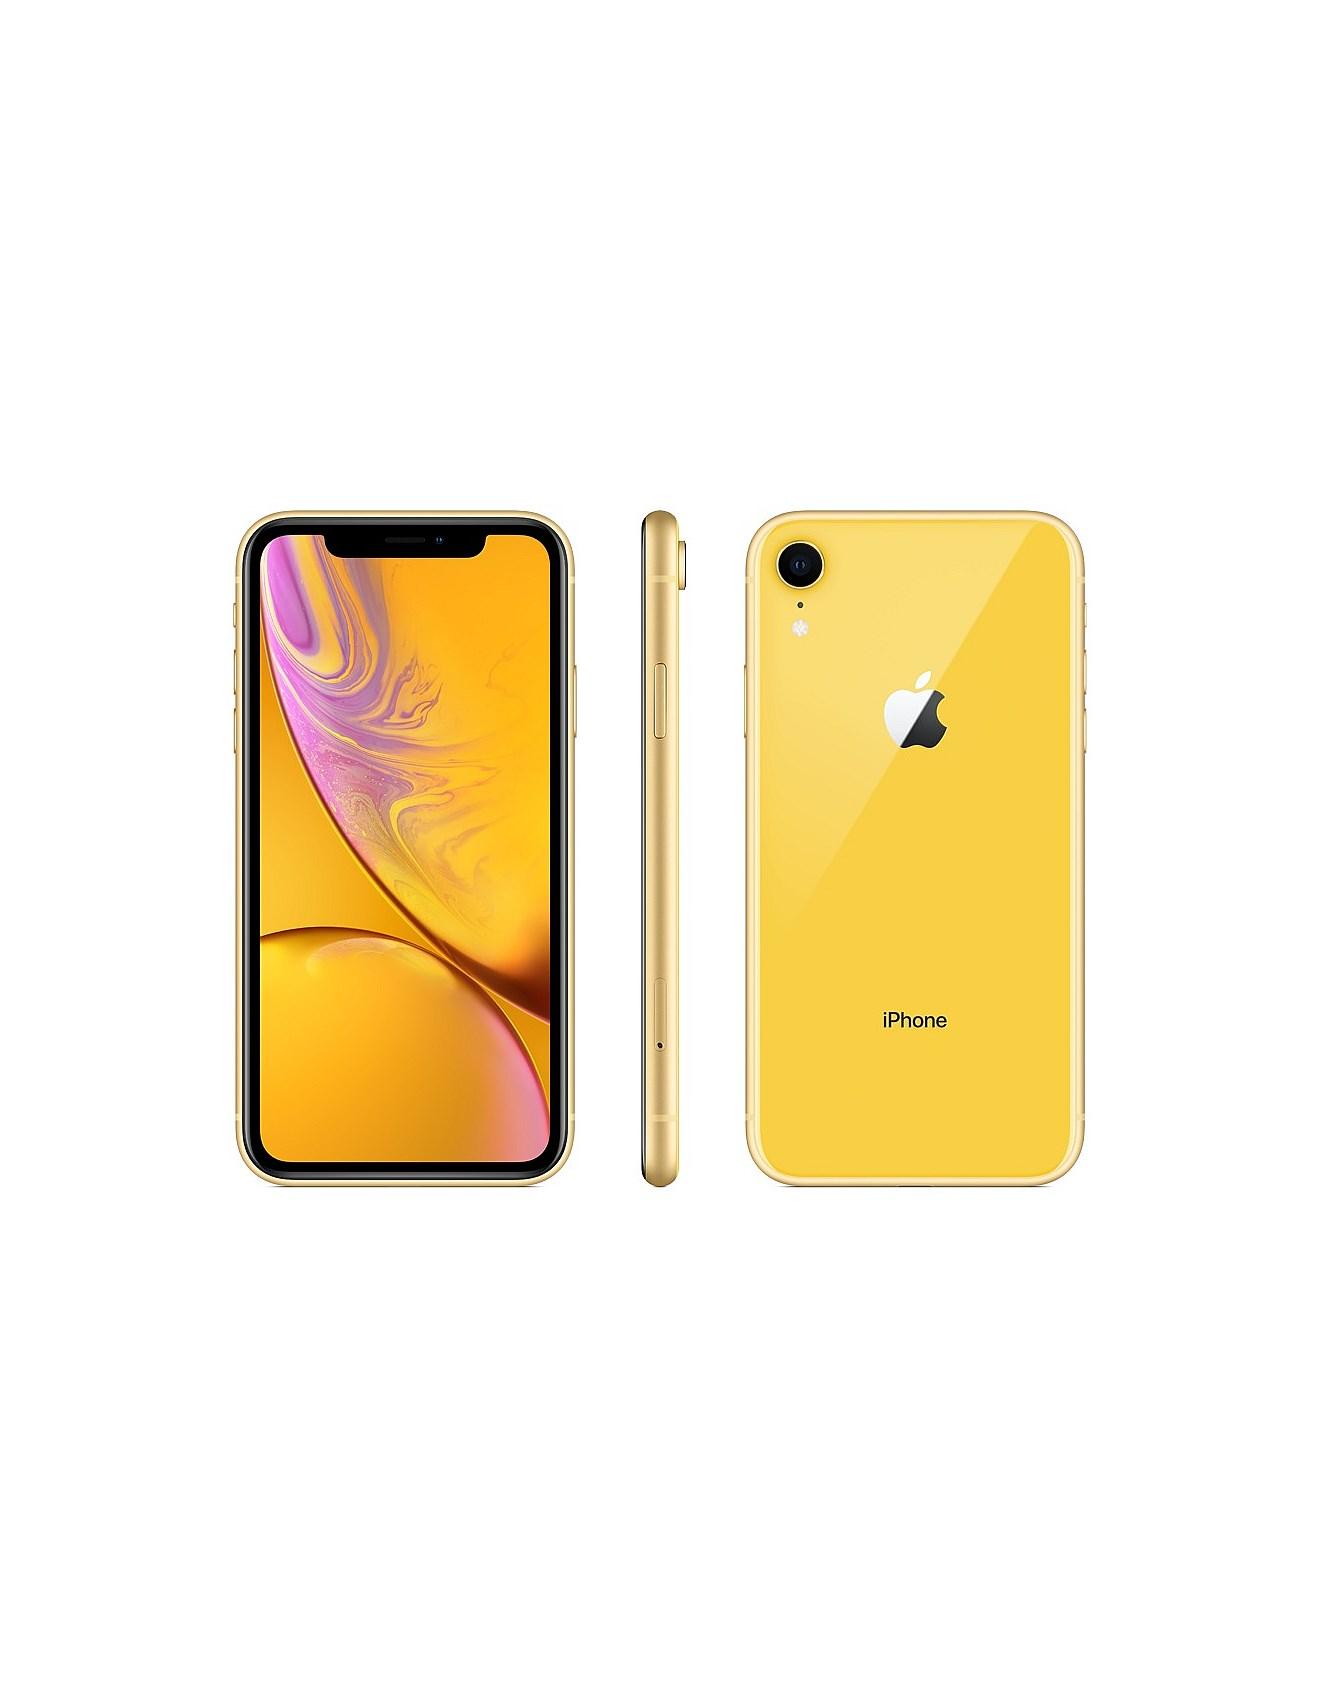 iPhones & Mobile Phones | Buy Mobiles Online | David Jones - IPHONE ...